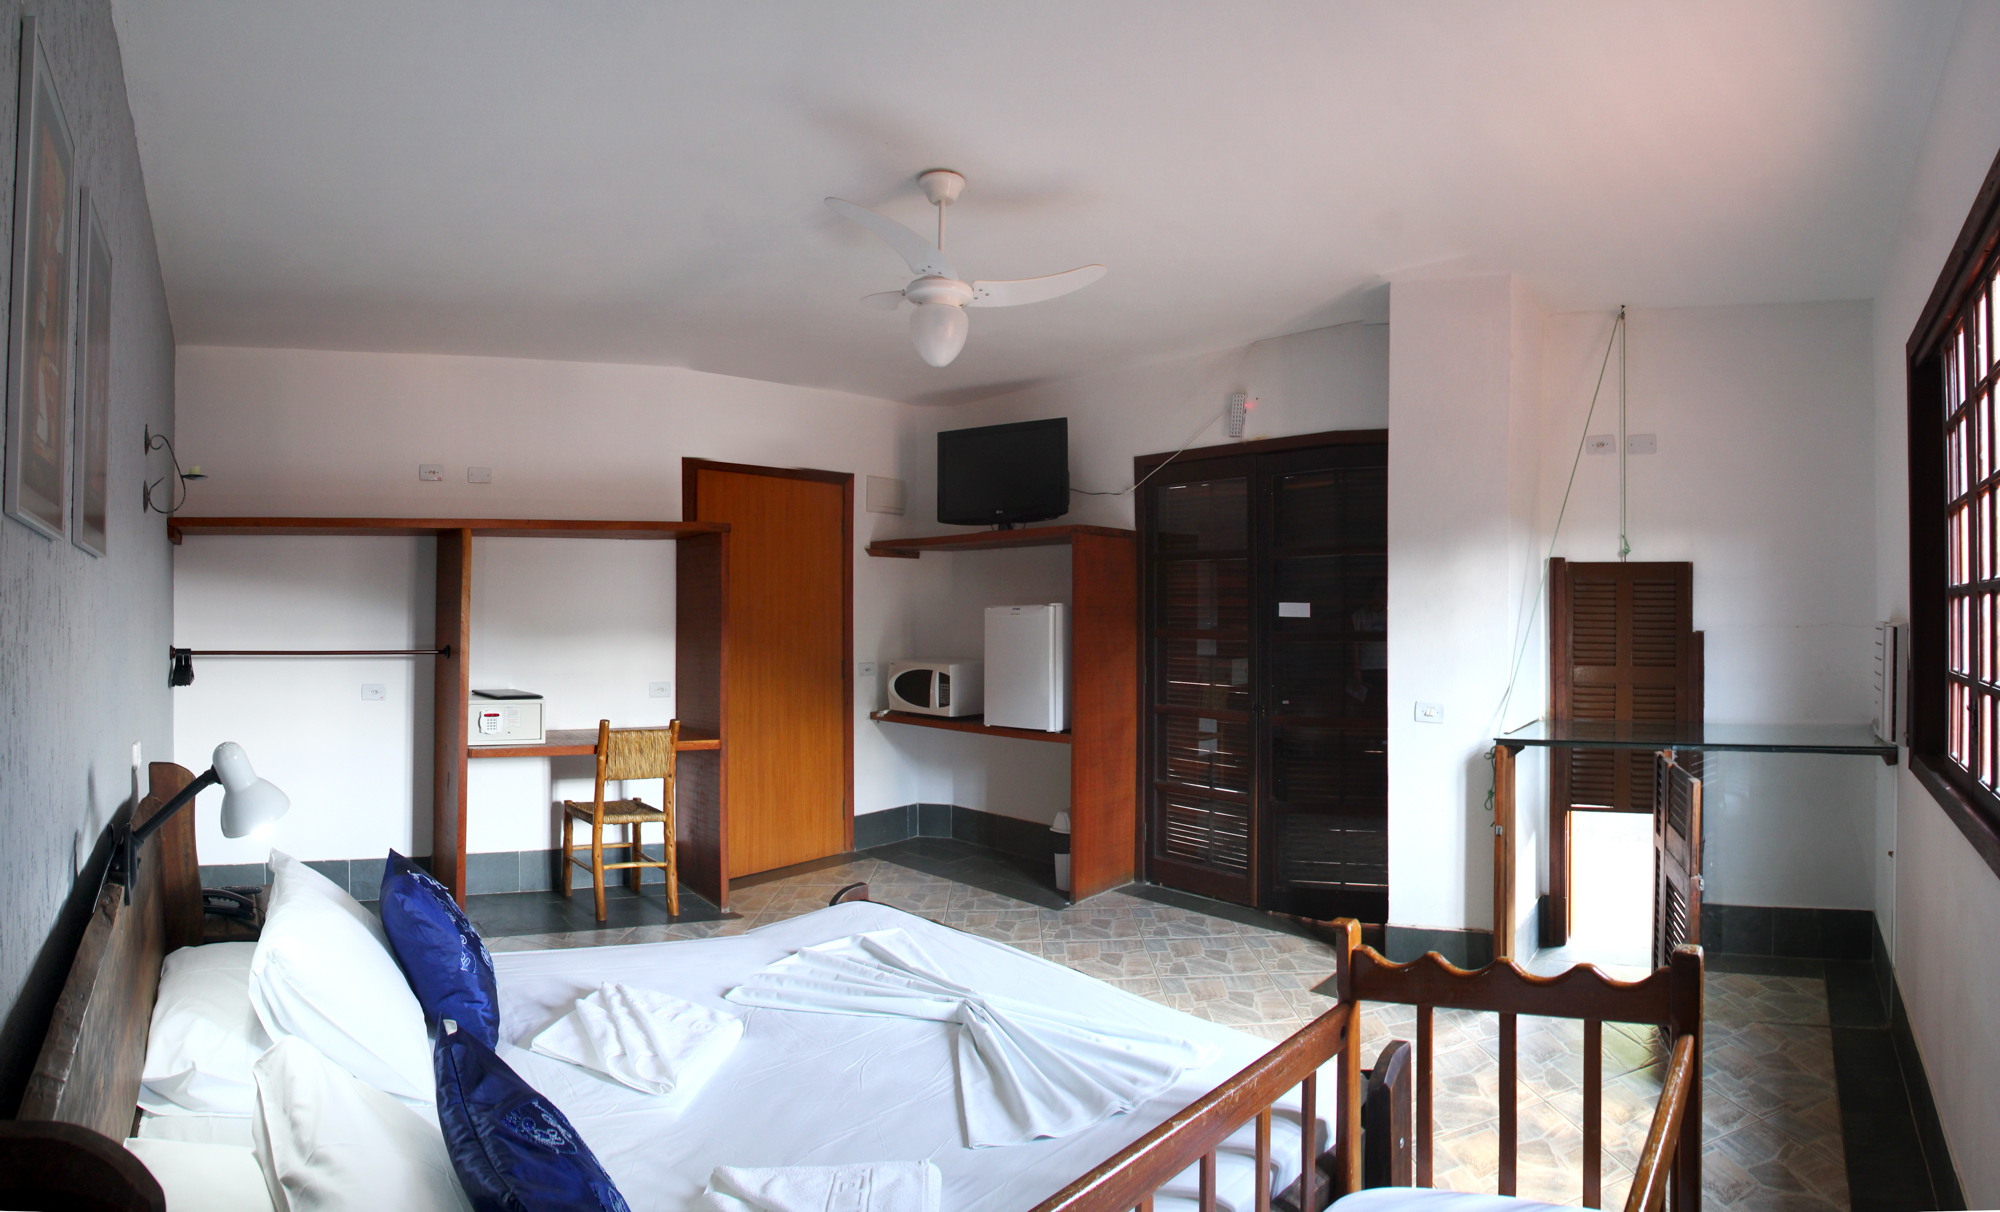 banheiro acessivel banheiro adaptado quarto com canil acoplado #A56026 2000 1212